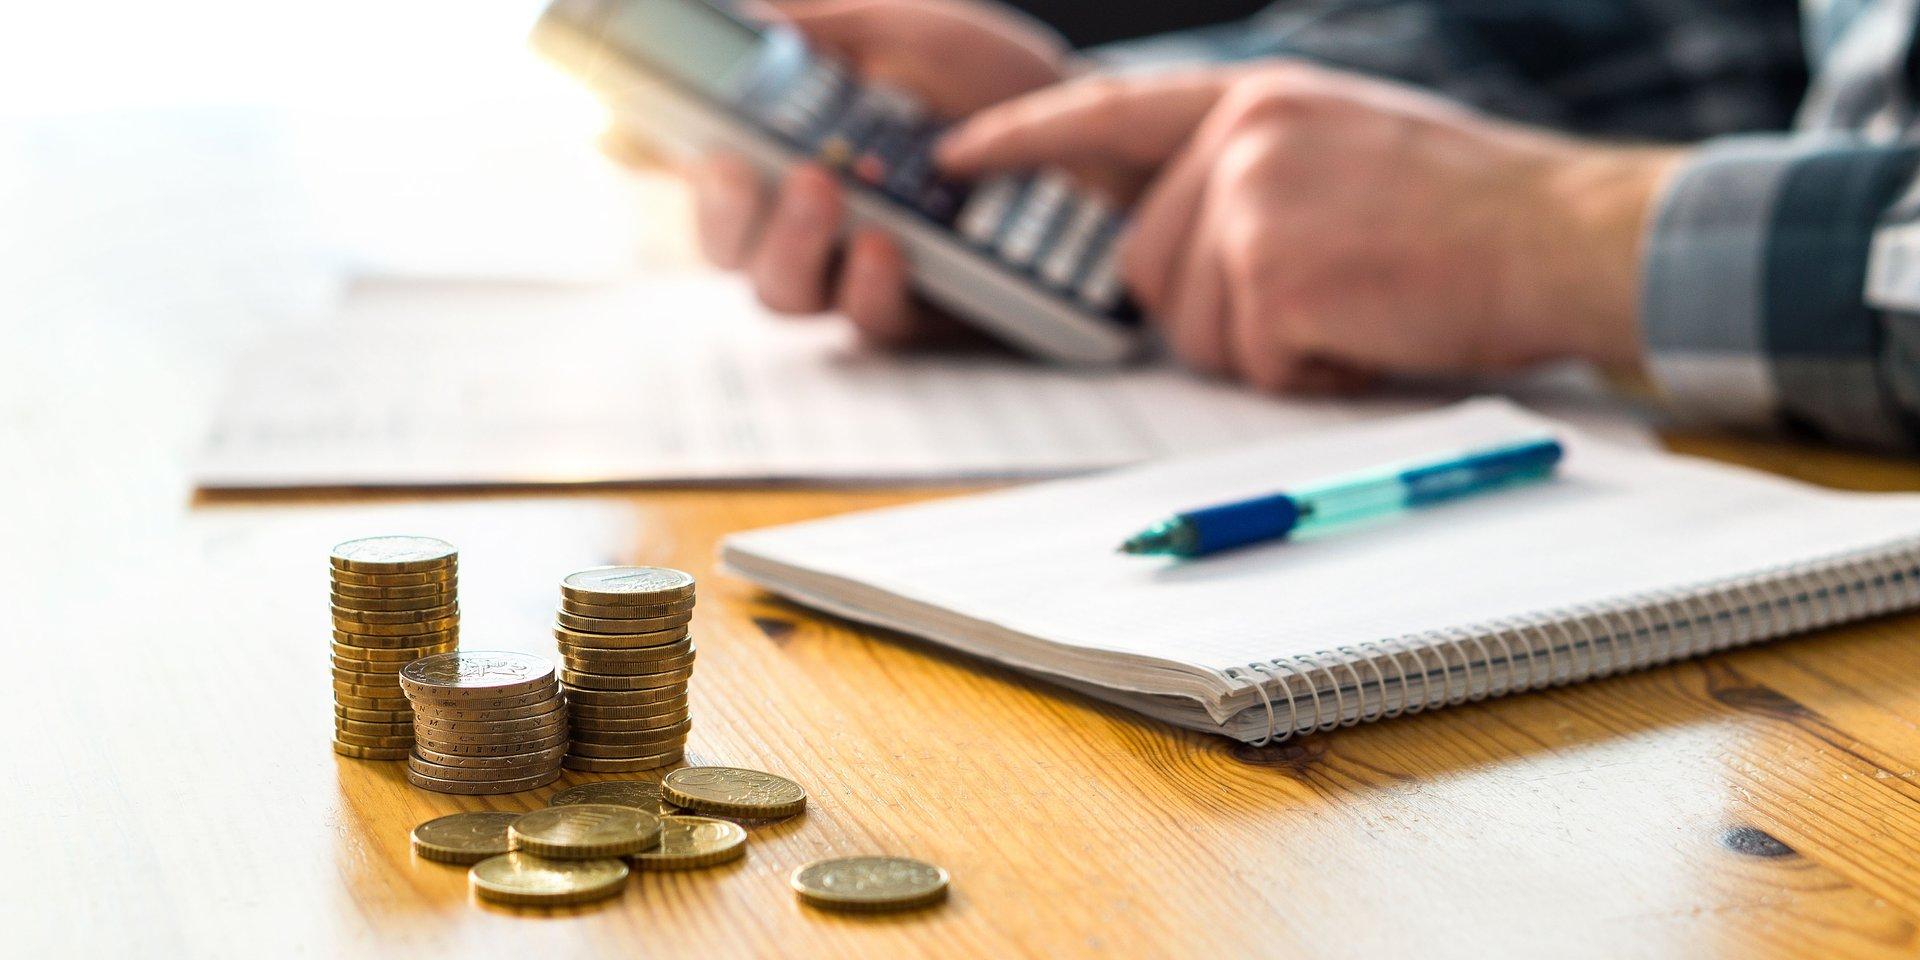 Inflacja na koniec 2020 roku 2,4%. Średnia inflacja w roku: 3,4%.